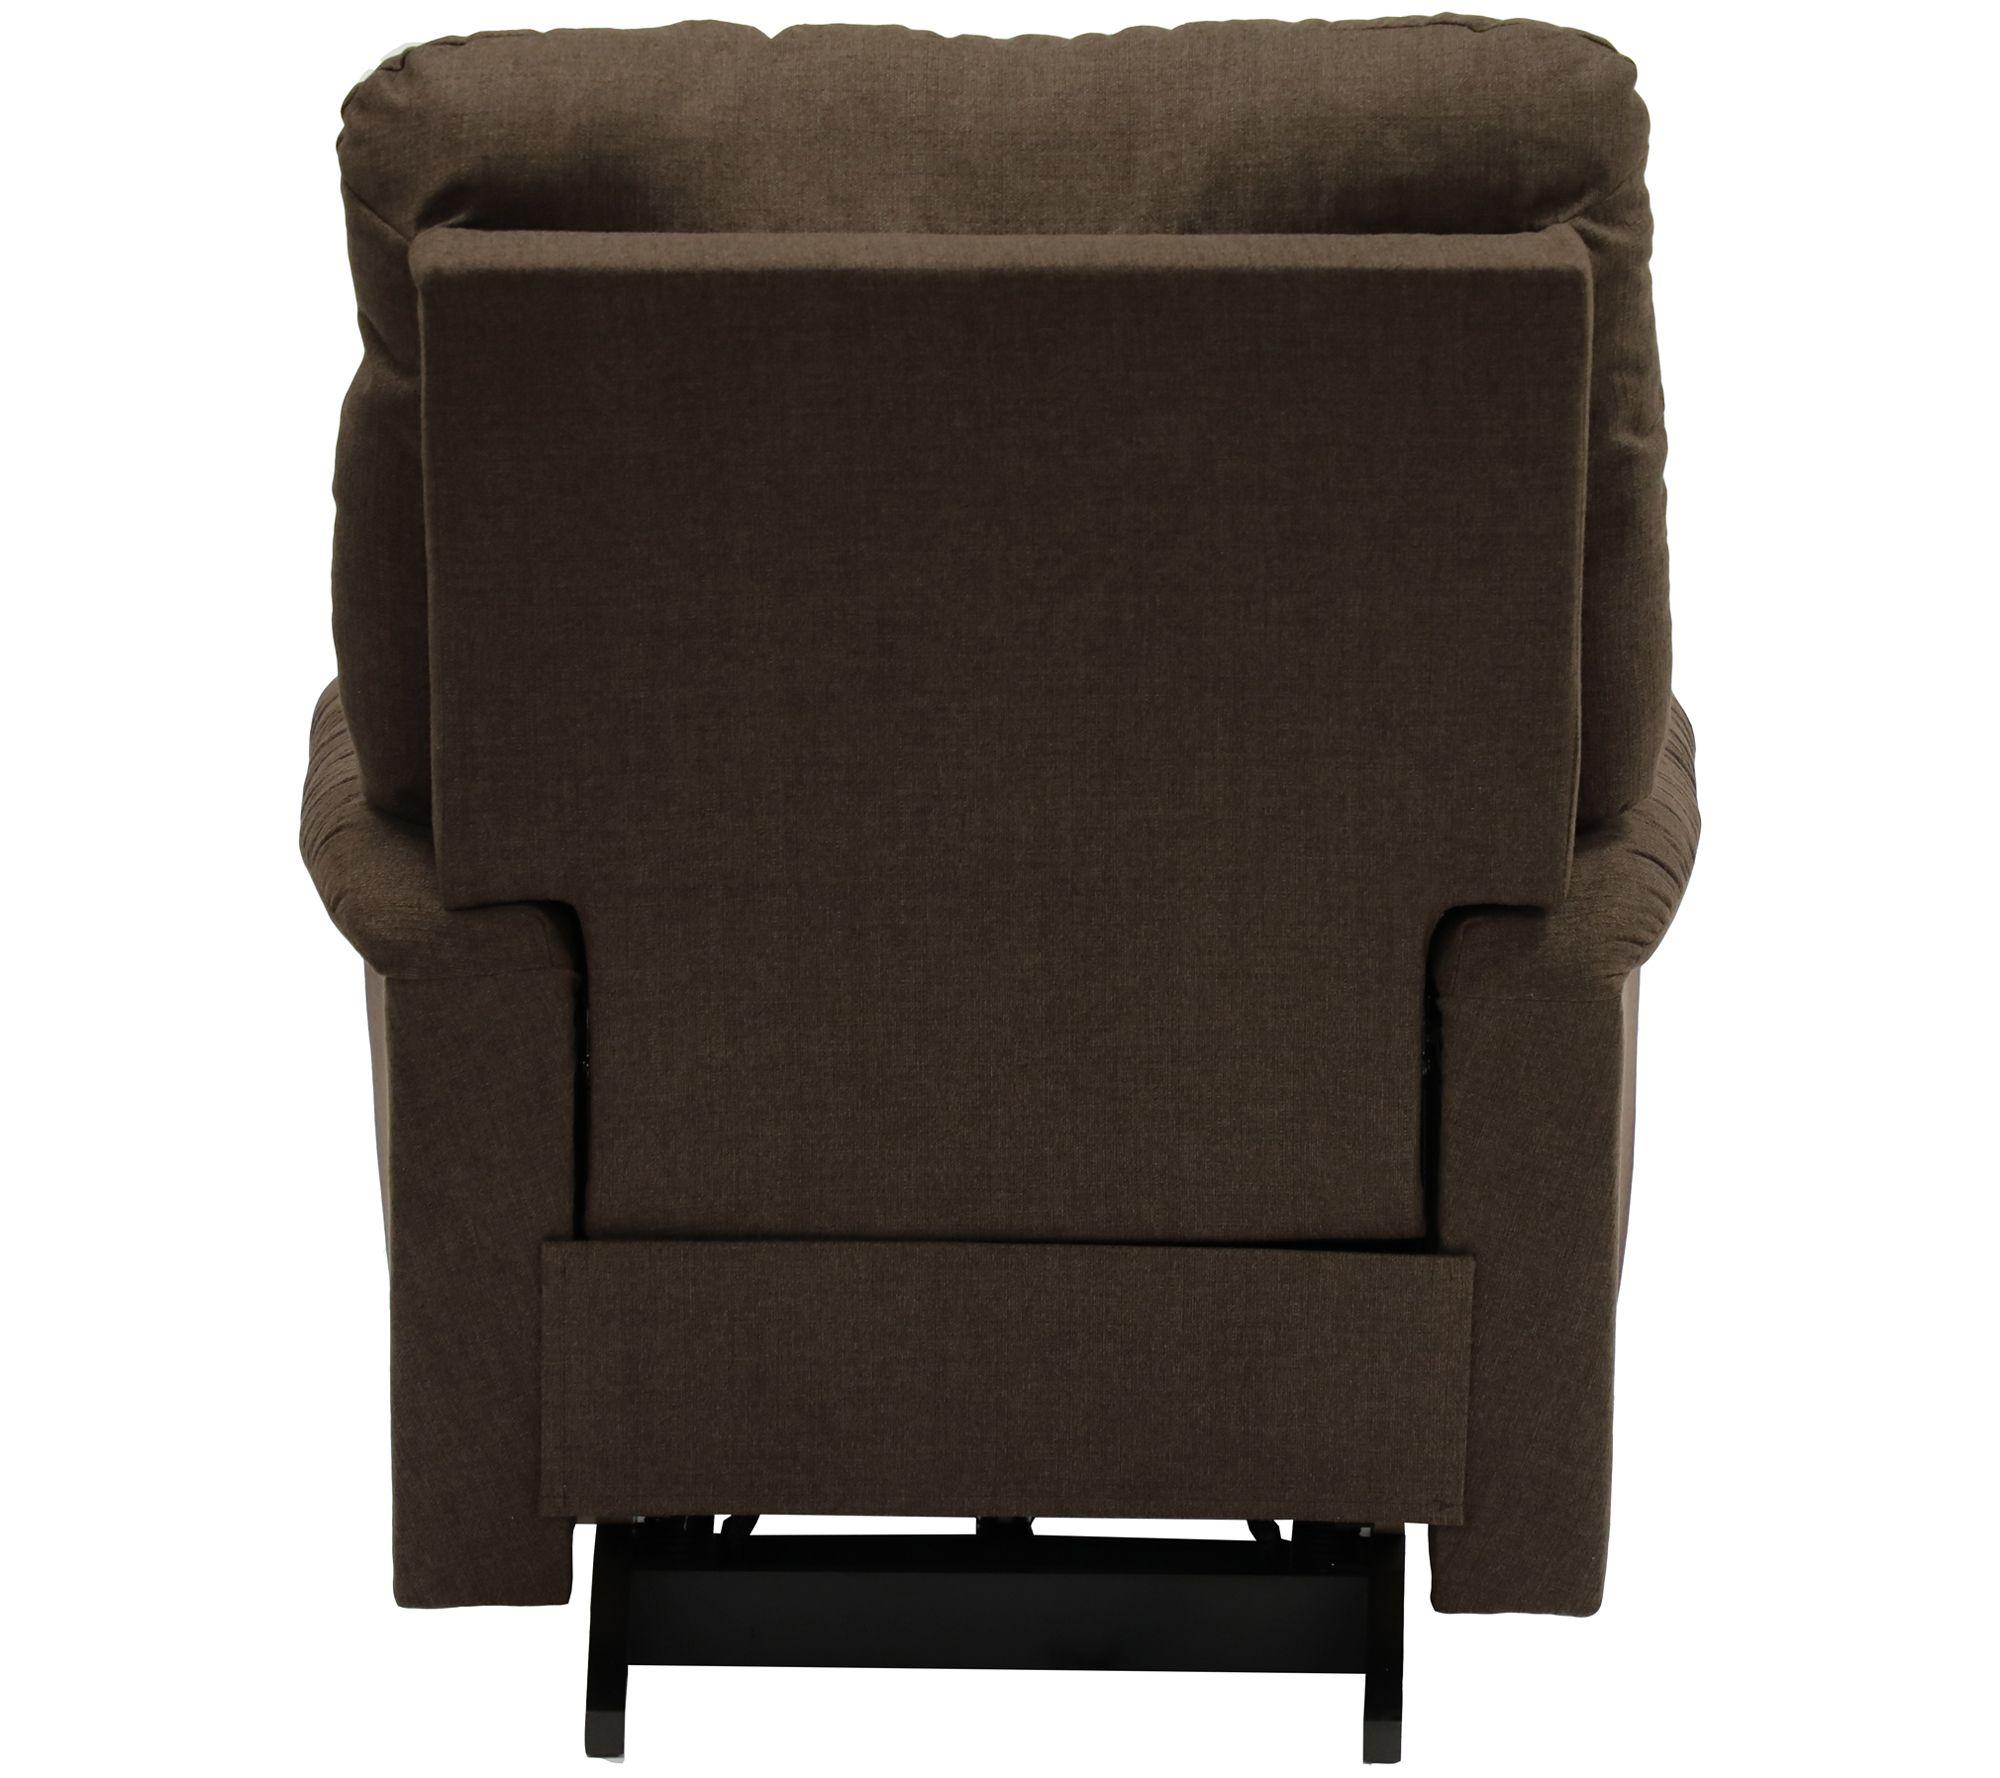 Tremendous La Z Boy James Power Xr Plus Recliner Qvc Com Cjindustries Chair Design For Home Cjindustriesco